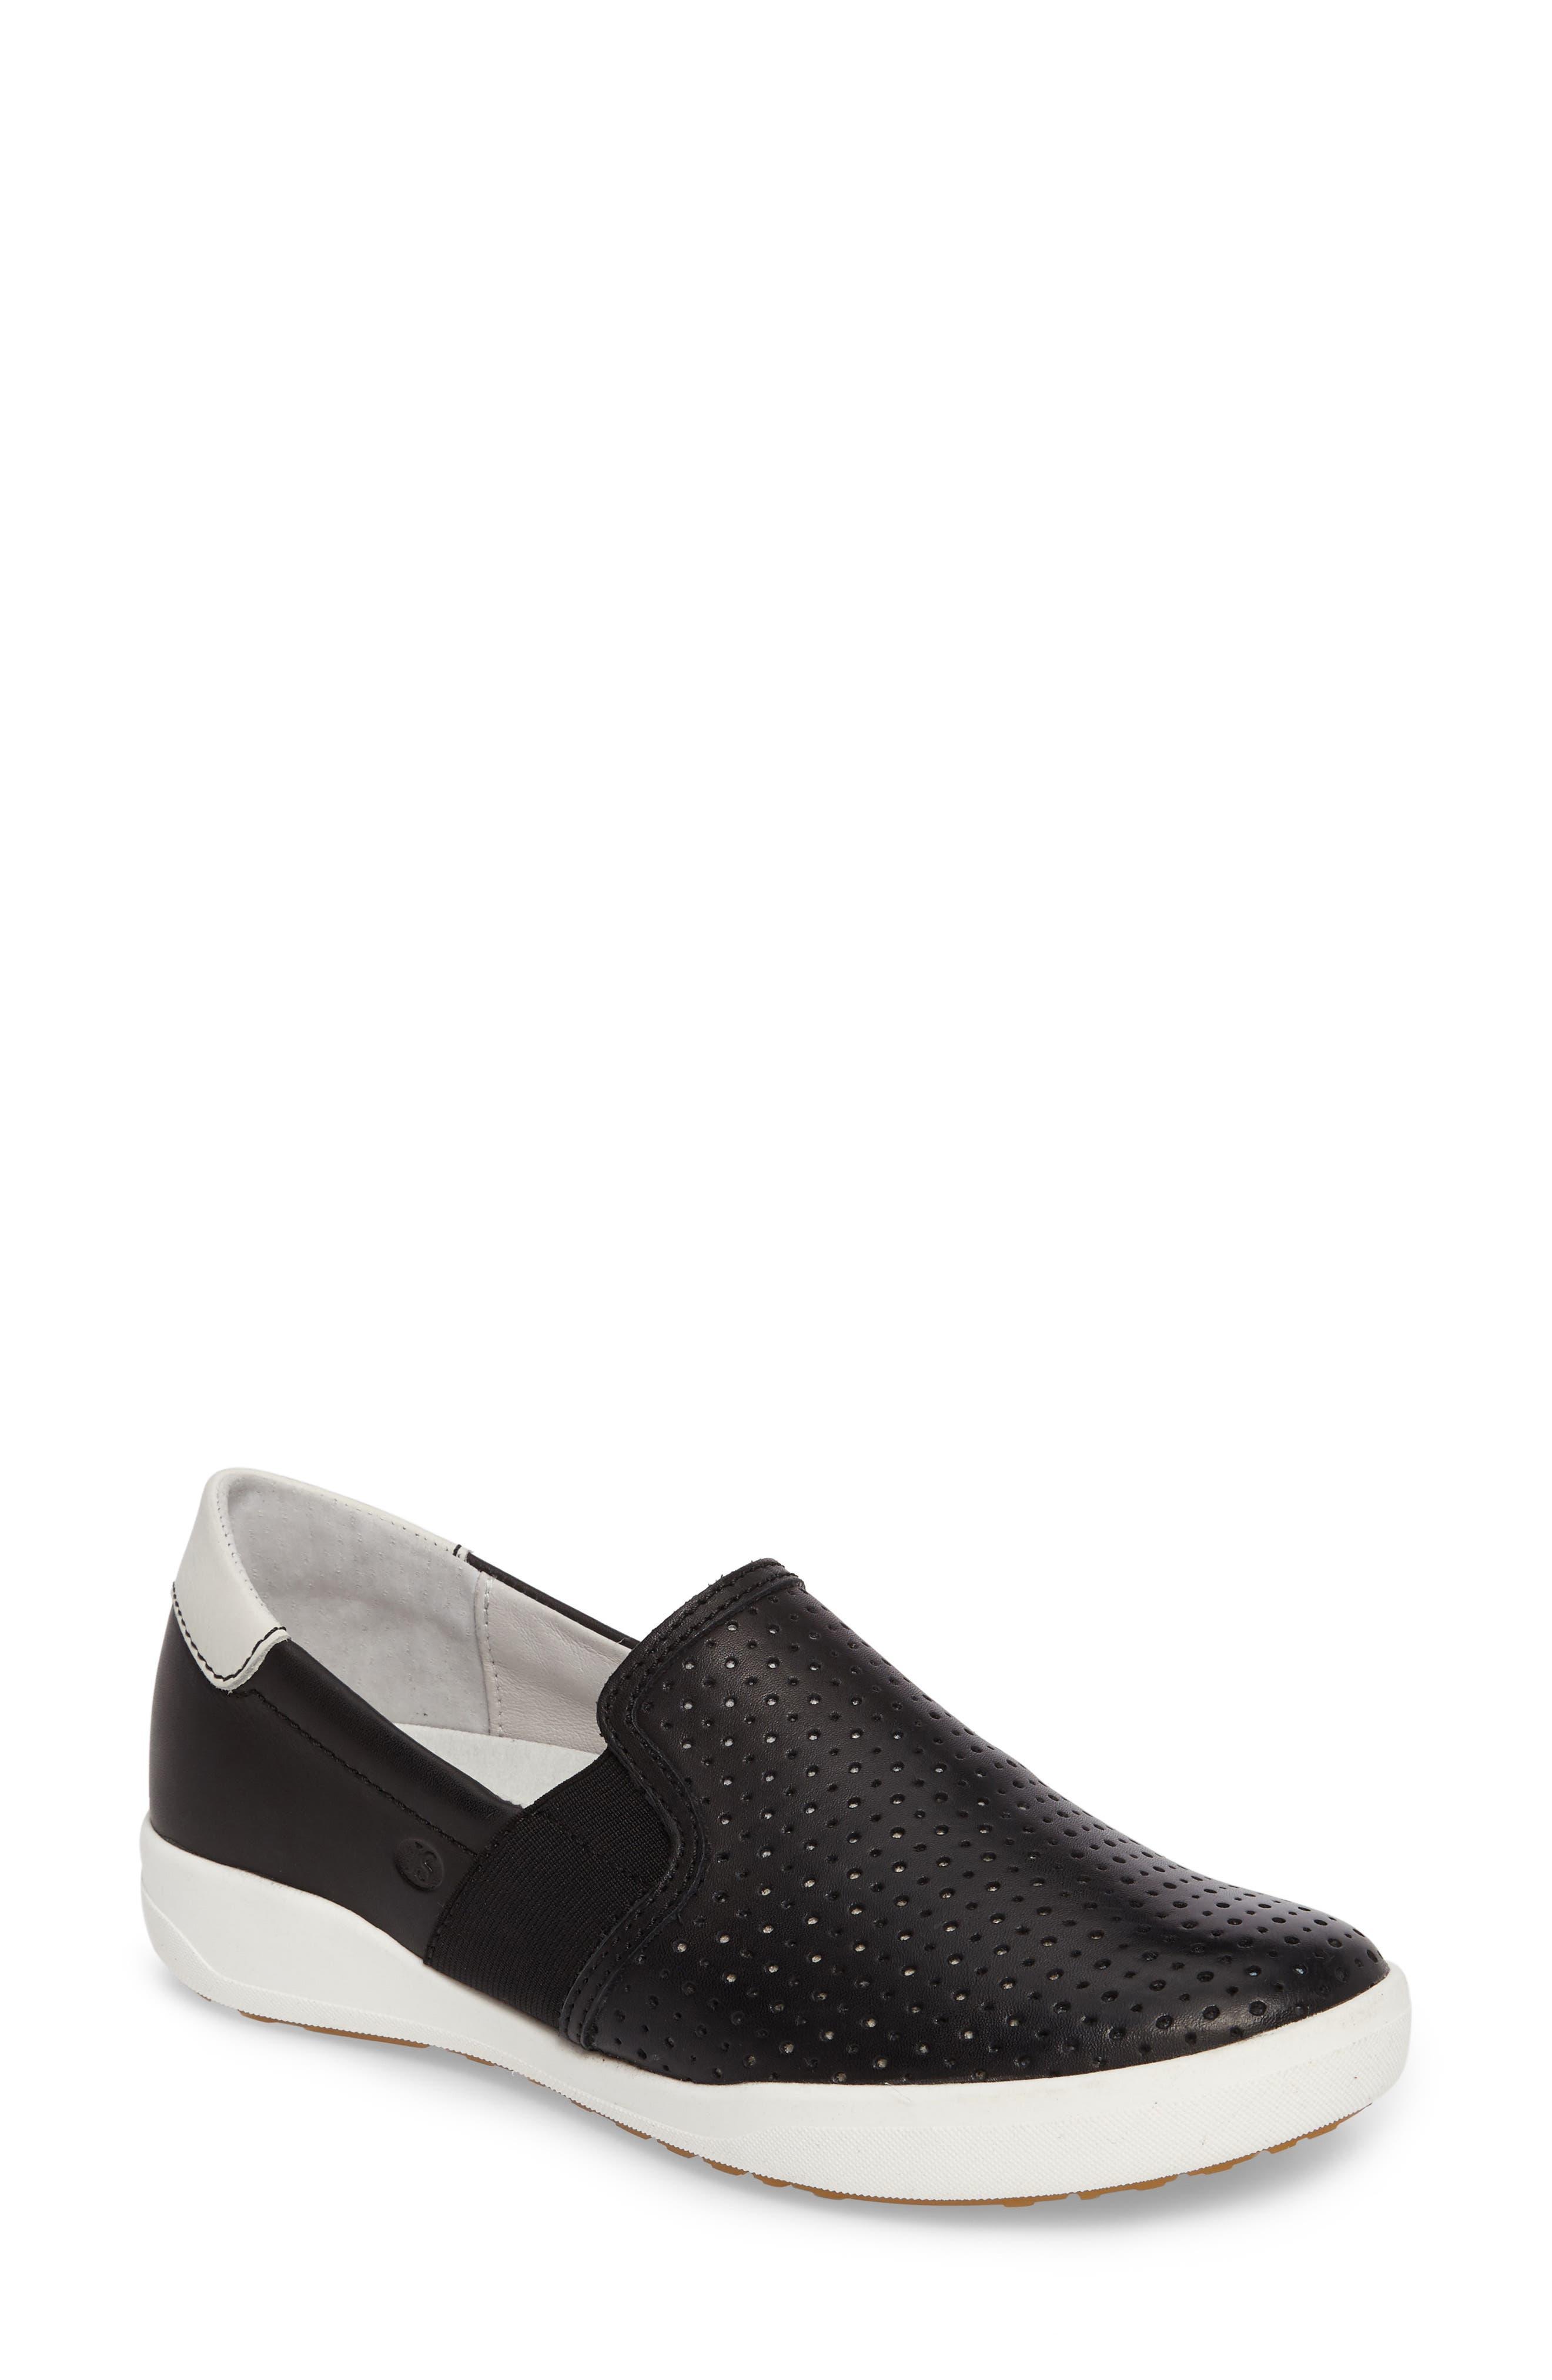 Josef Seibel Sina 15 Slip-On Sneaker (Women)